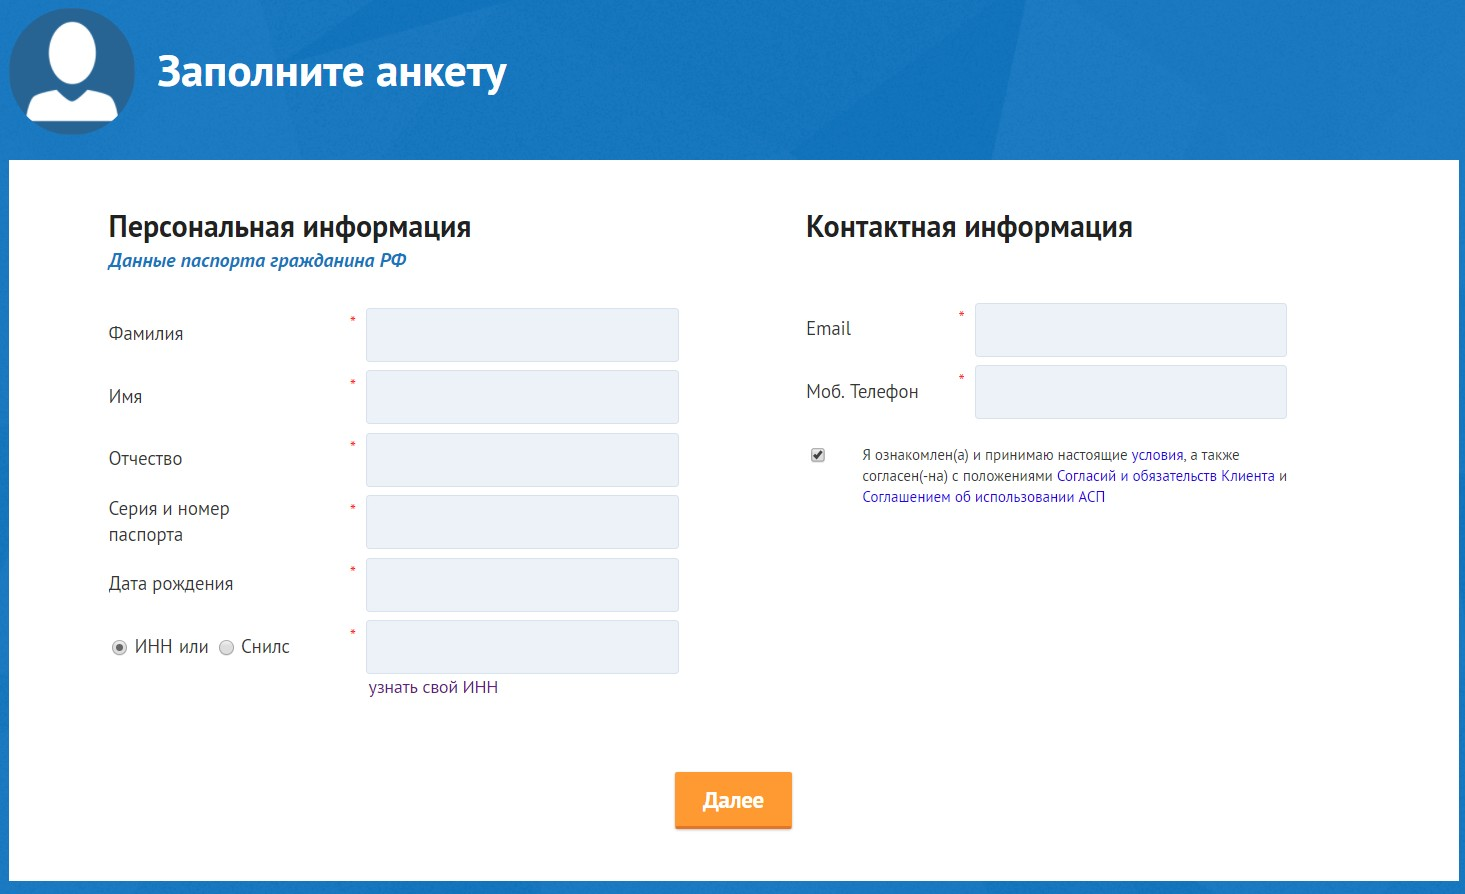 Официальный сайт займов частных лиц